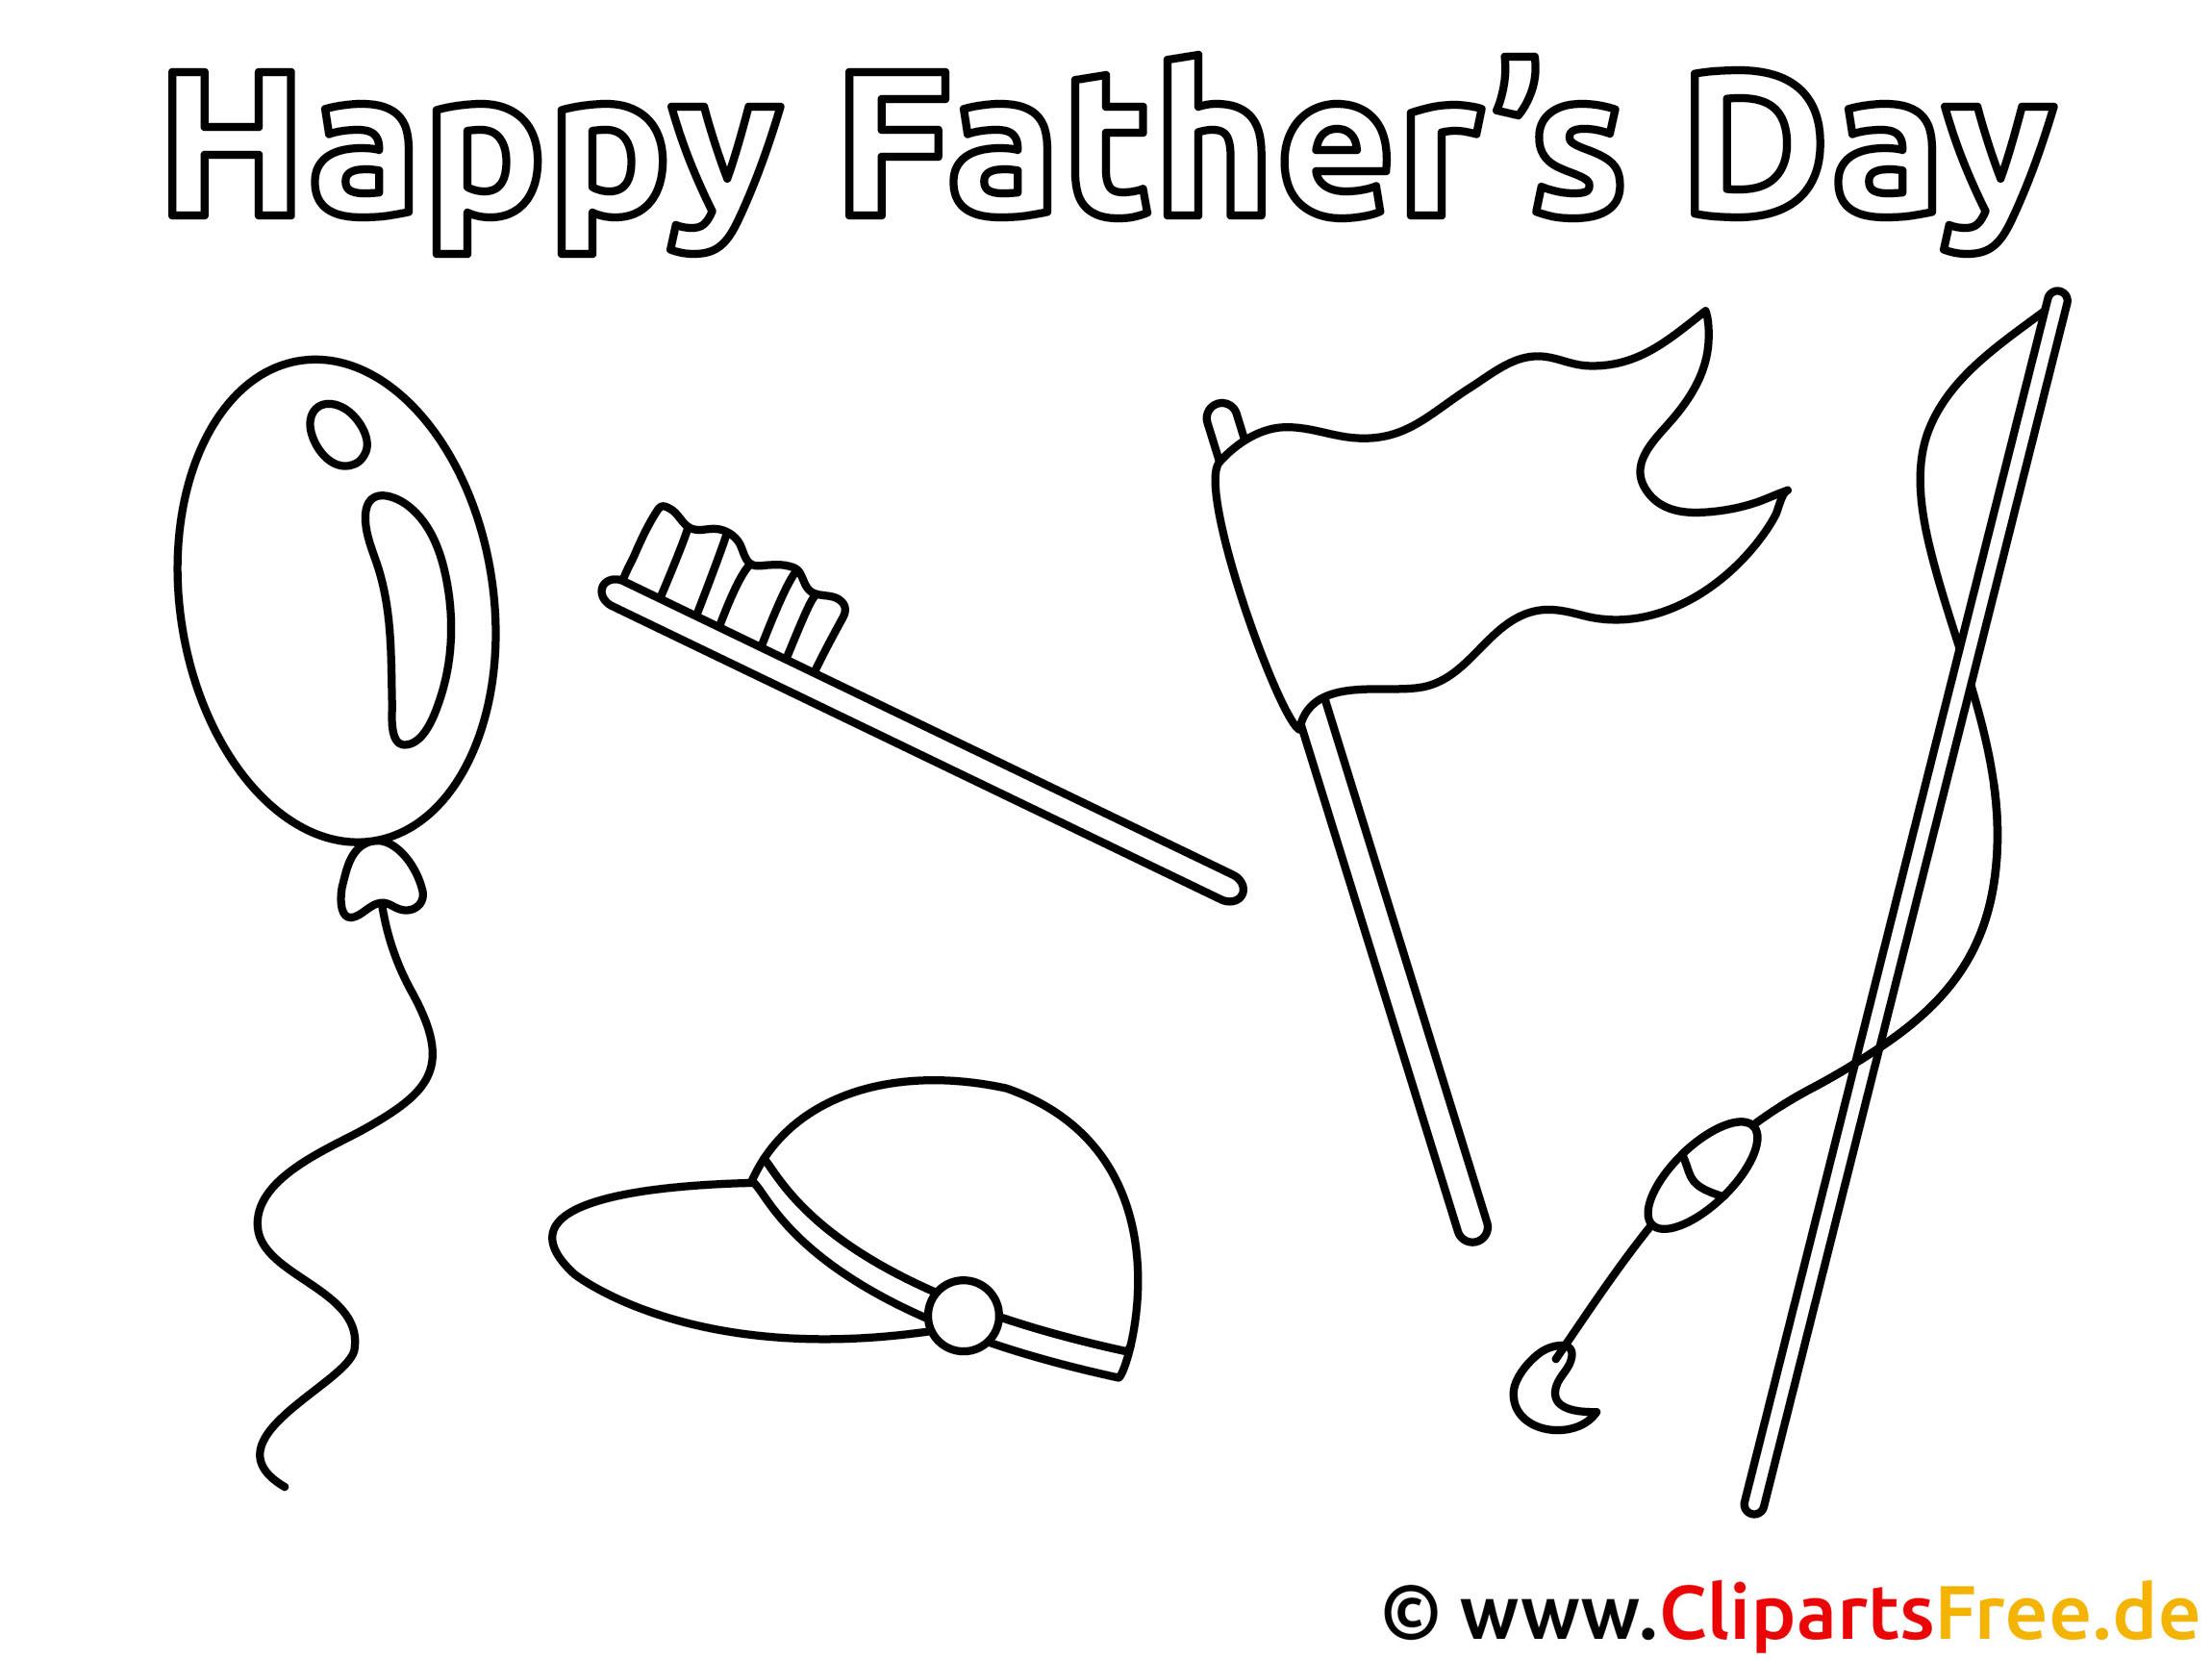 Ausmalbilder zum Vatertag - Basteln und Gestalten